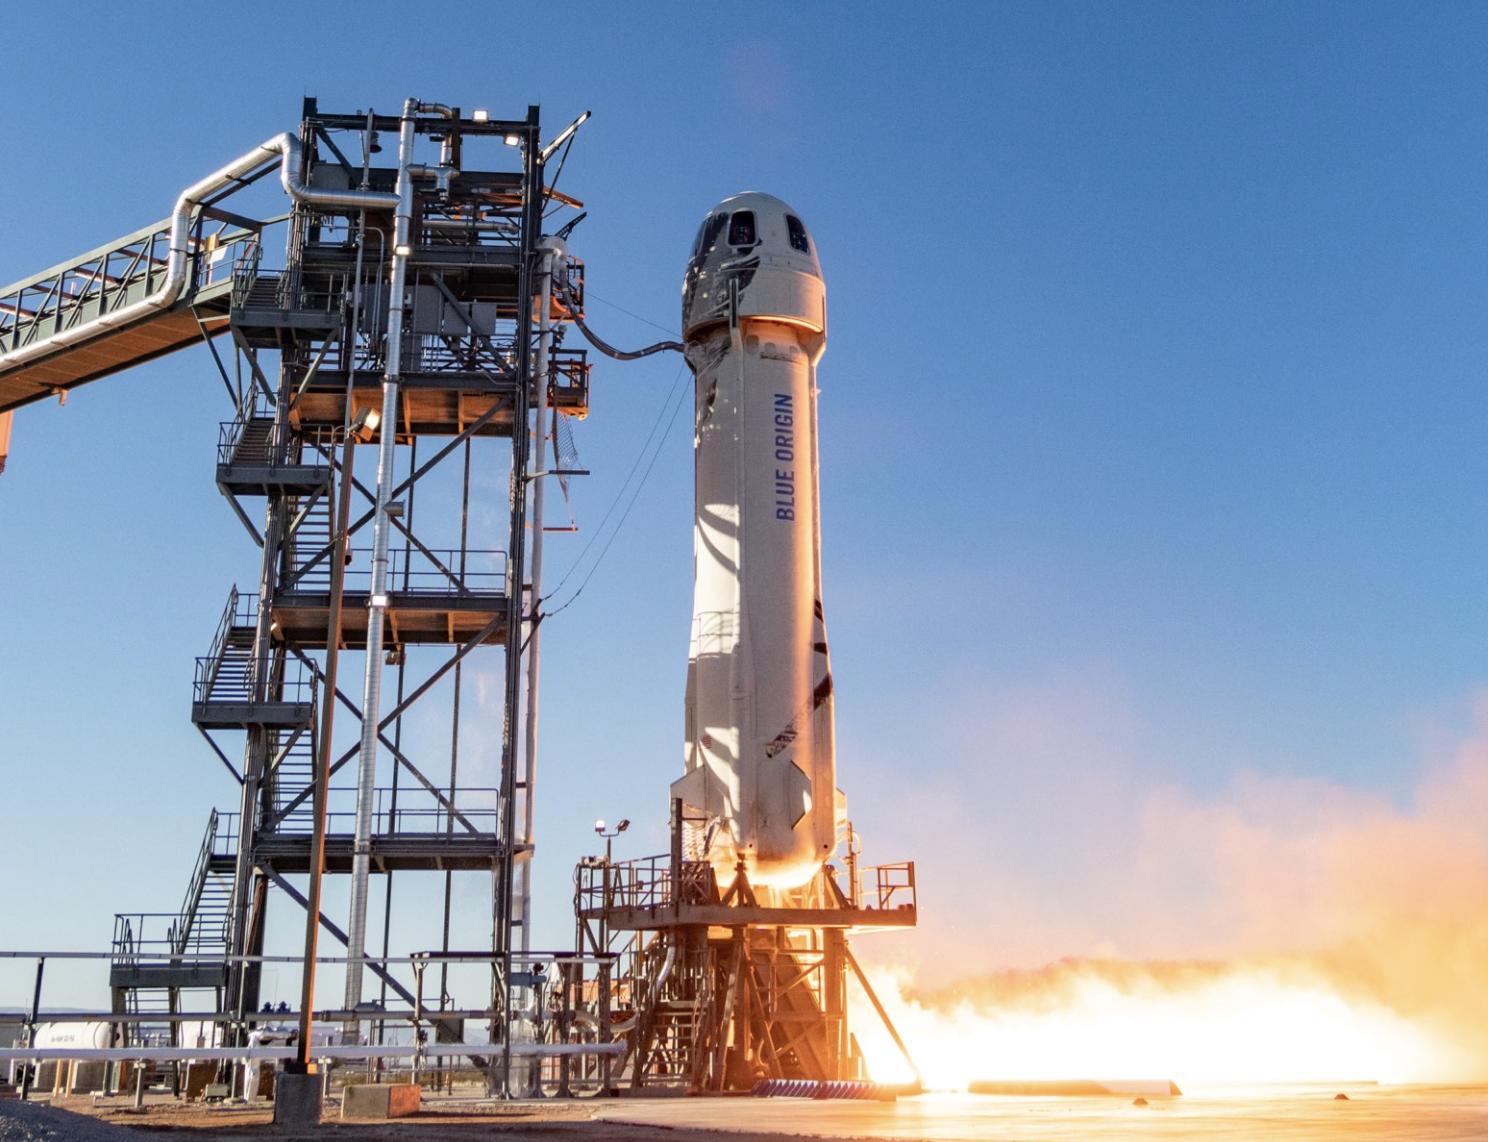 La NASA y Blue Origin se asocian para simular la gravedad lunar en el cohete New Shepard